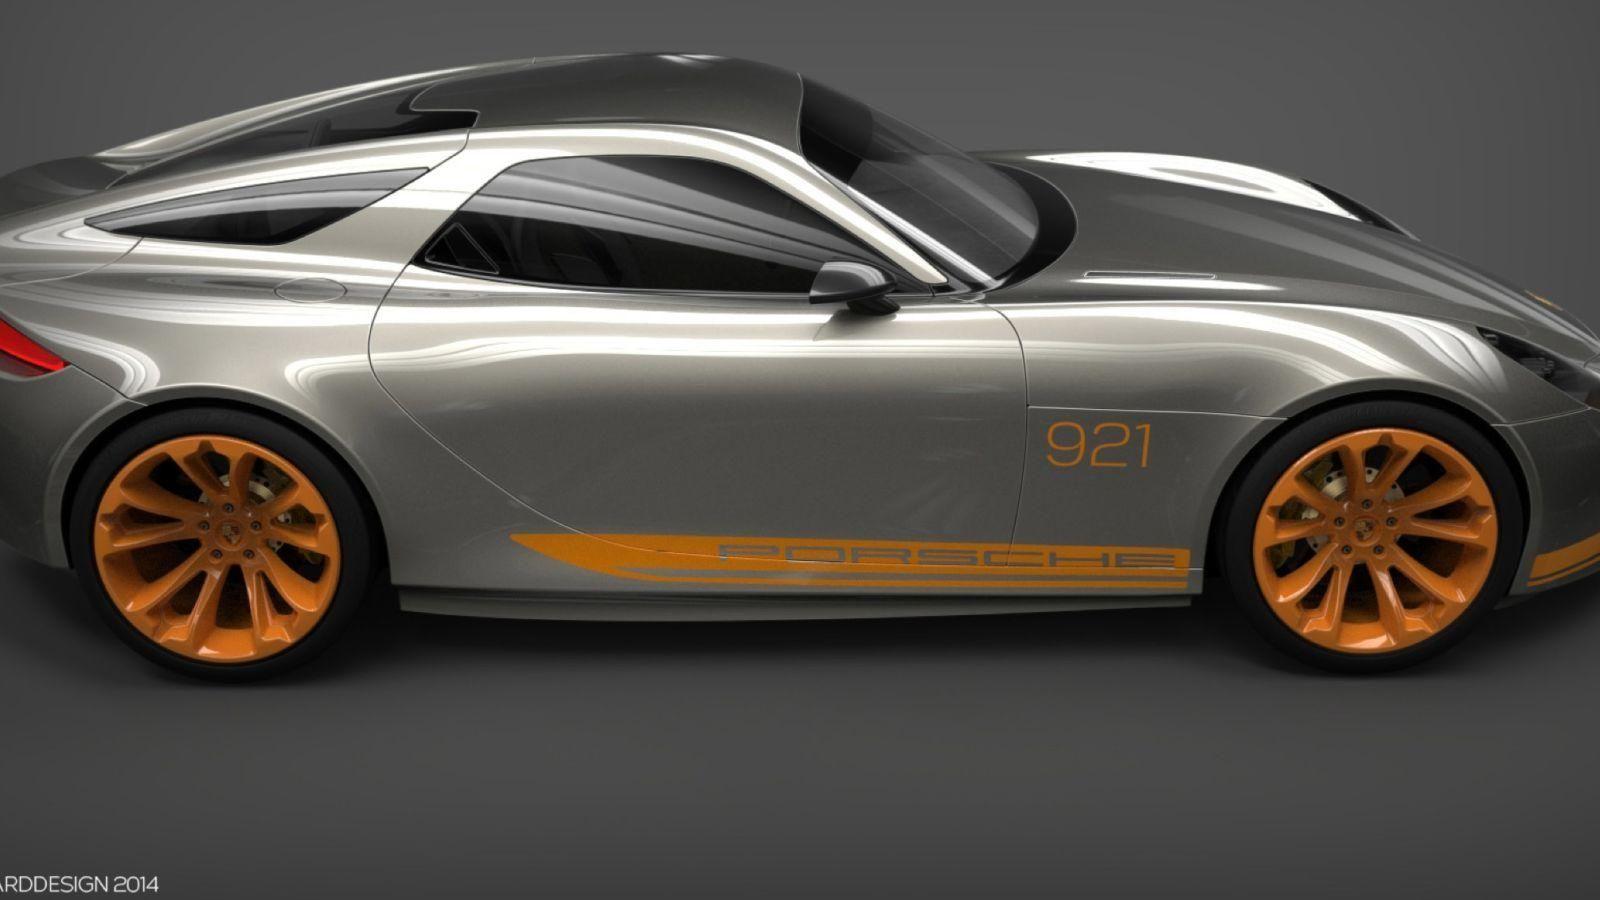 Porsche 921 Vision Concept News, Videos, Reviews And ...